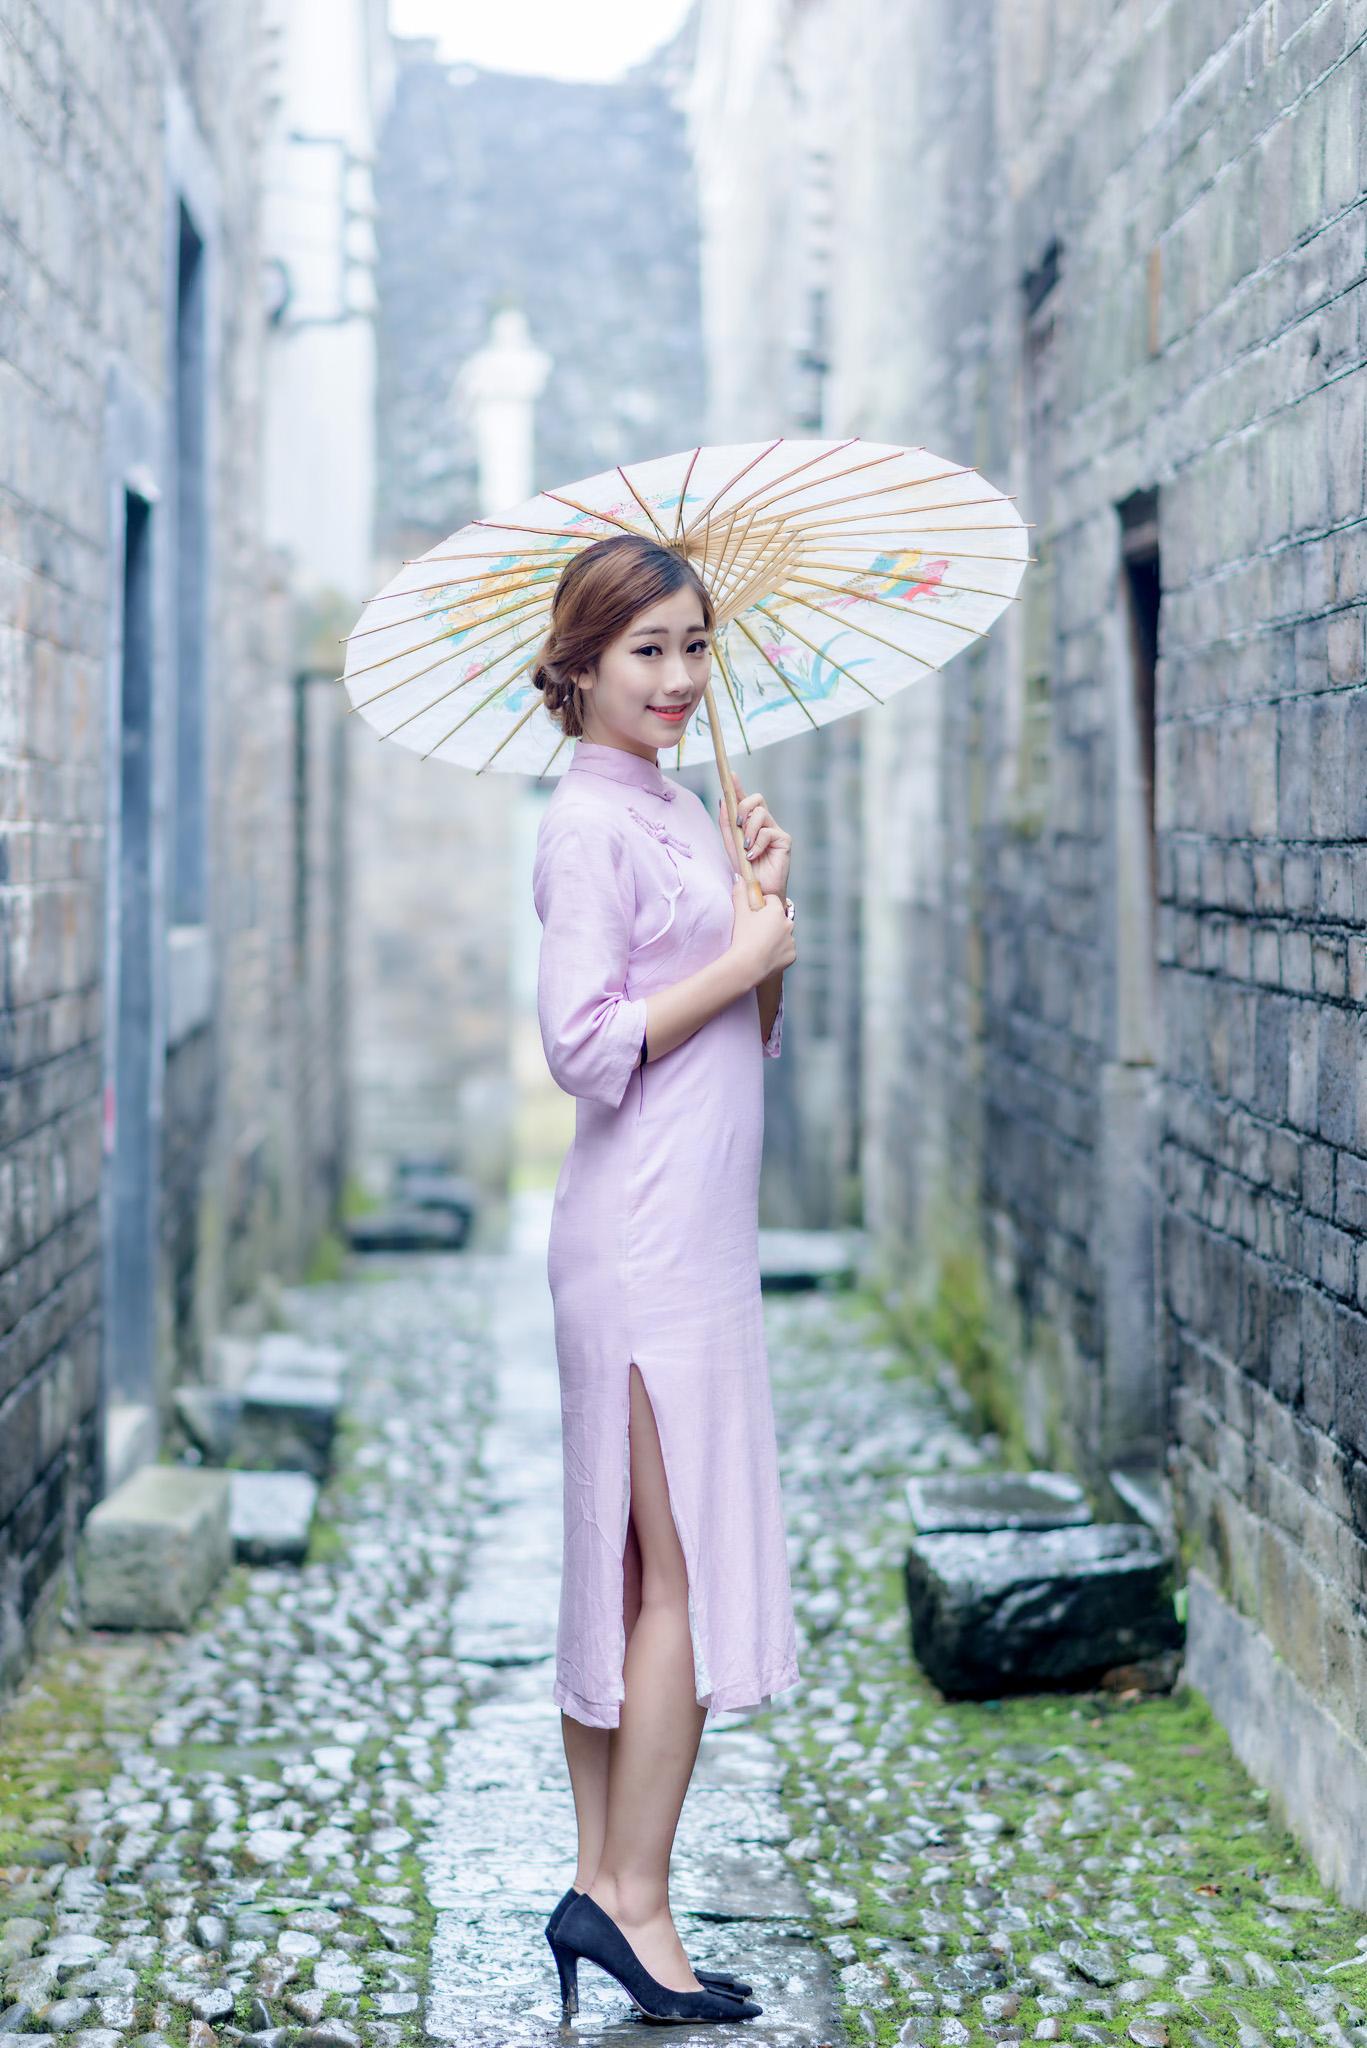 古村旗袍  红粉佳黛 - 花開有聲 - 花開有聲